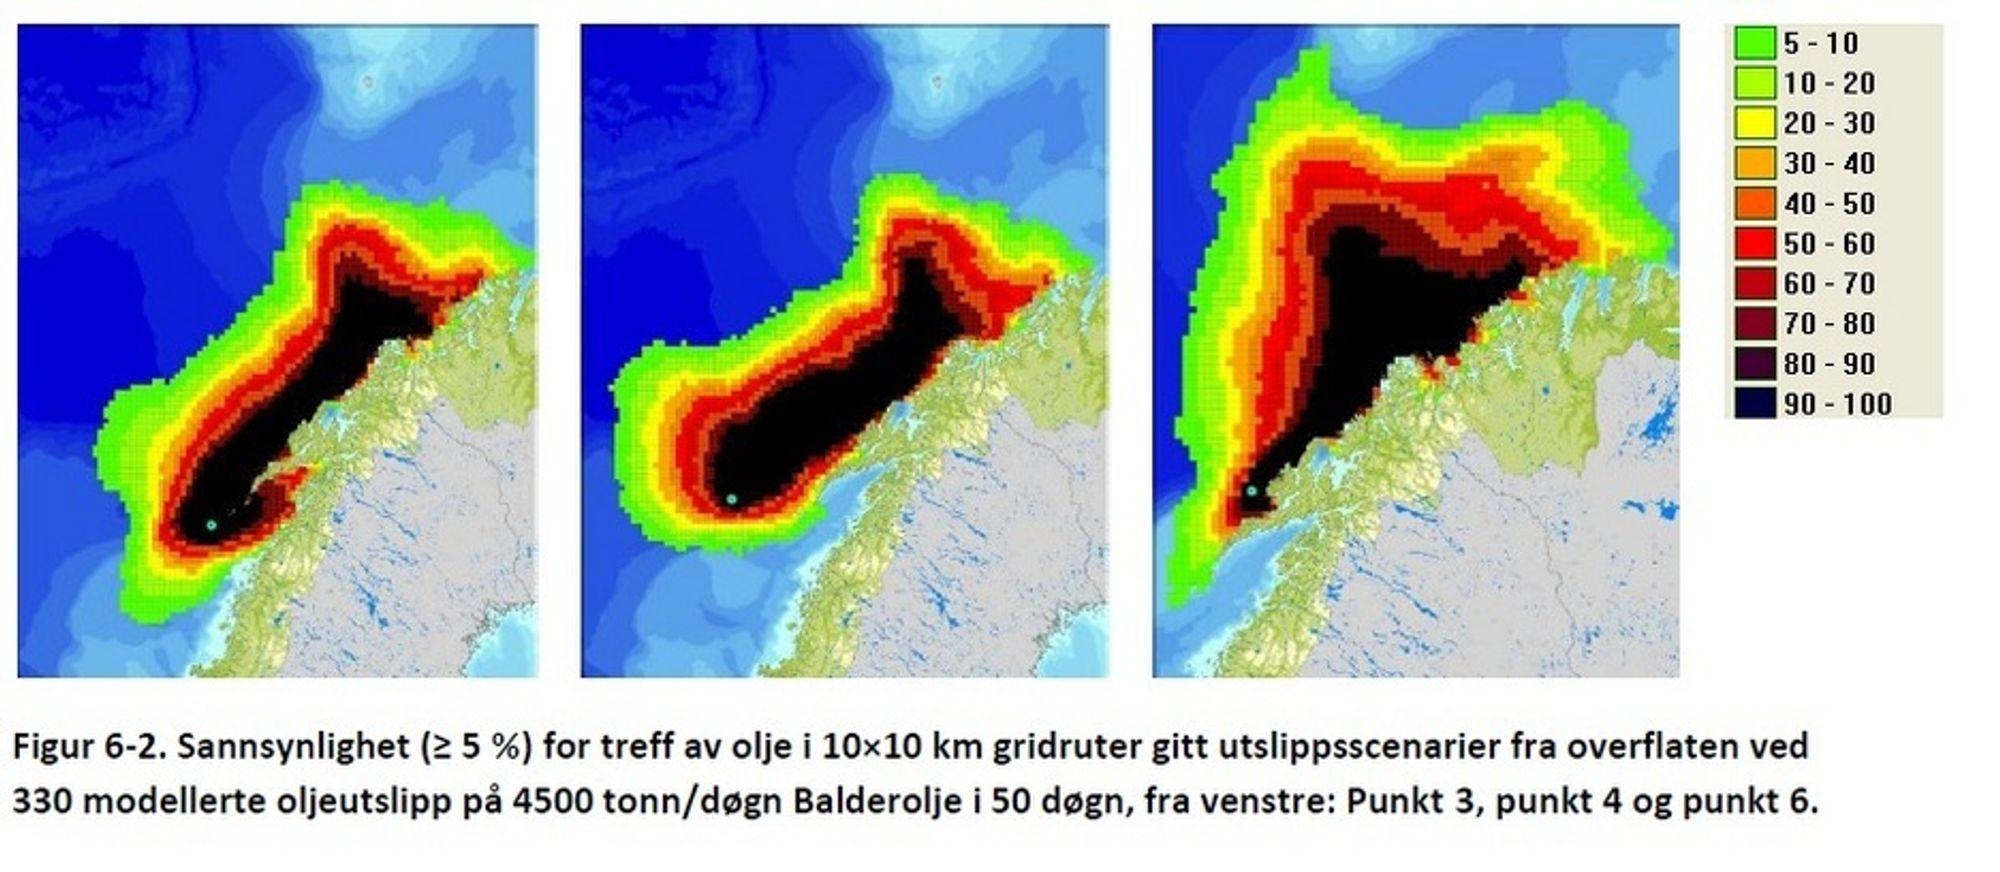 I VERSTE FALL: Slik kan oljen spre seg ved en overflate- eller sjøbunnsutblåsning fra Nordland VI med 50 døgns varighet, ifølge Risikogruppen. Oljen vil da strekke seg inn i Vestfjorden og strekke seg fra Meløy til Måsøy. Det er 5-10 prosent sjanse for at den når Nordkapp.